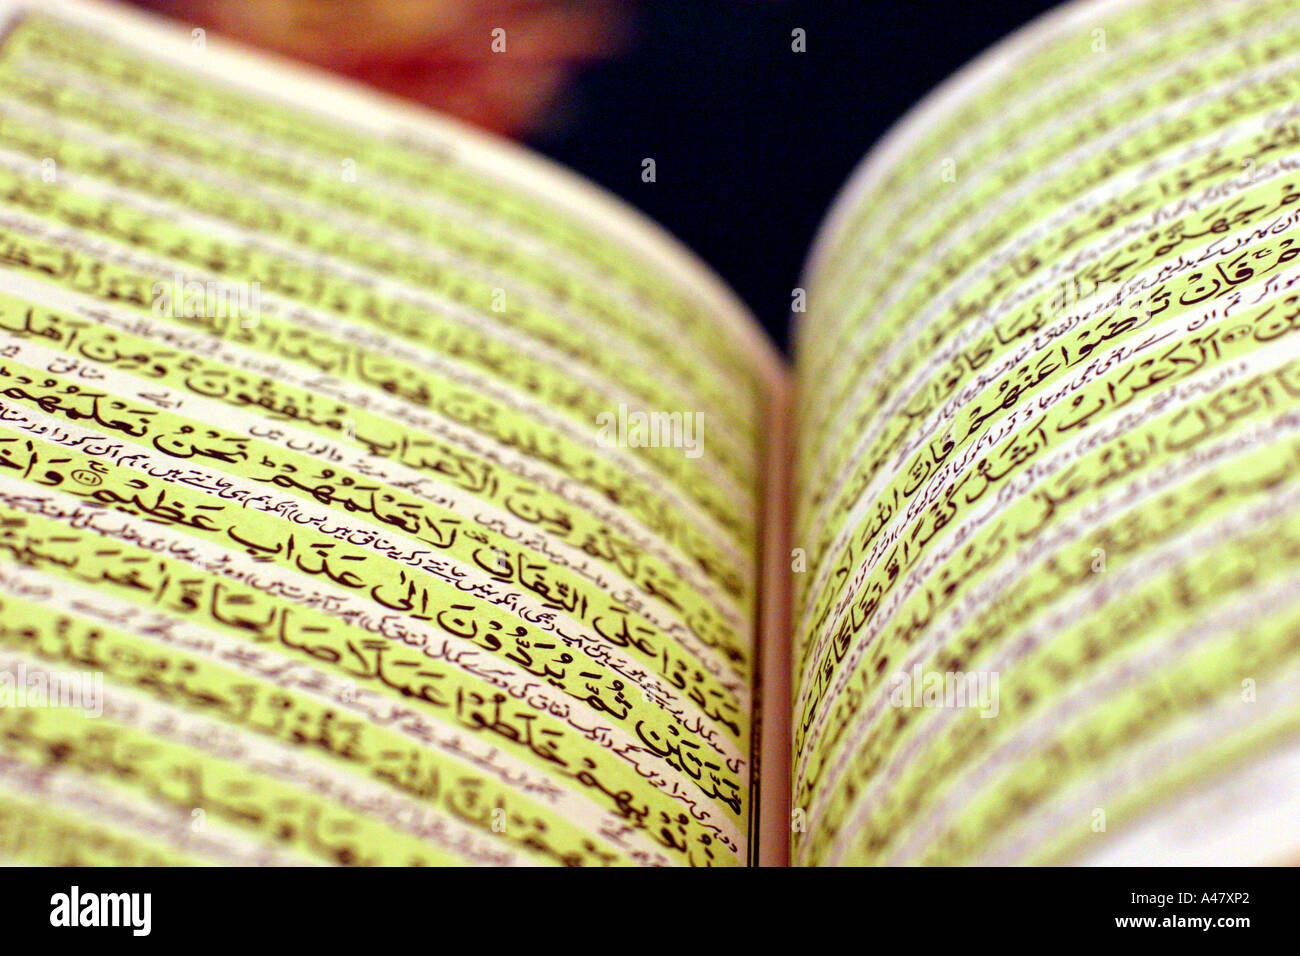 al quran quran koran islam religion stock photos al quran quran